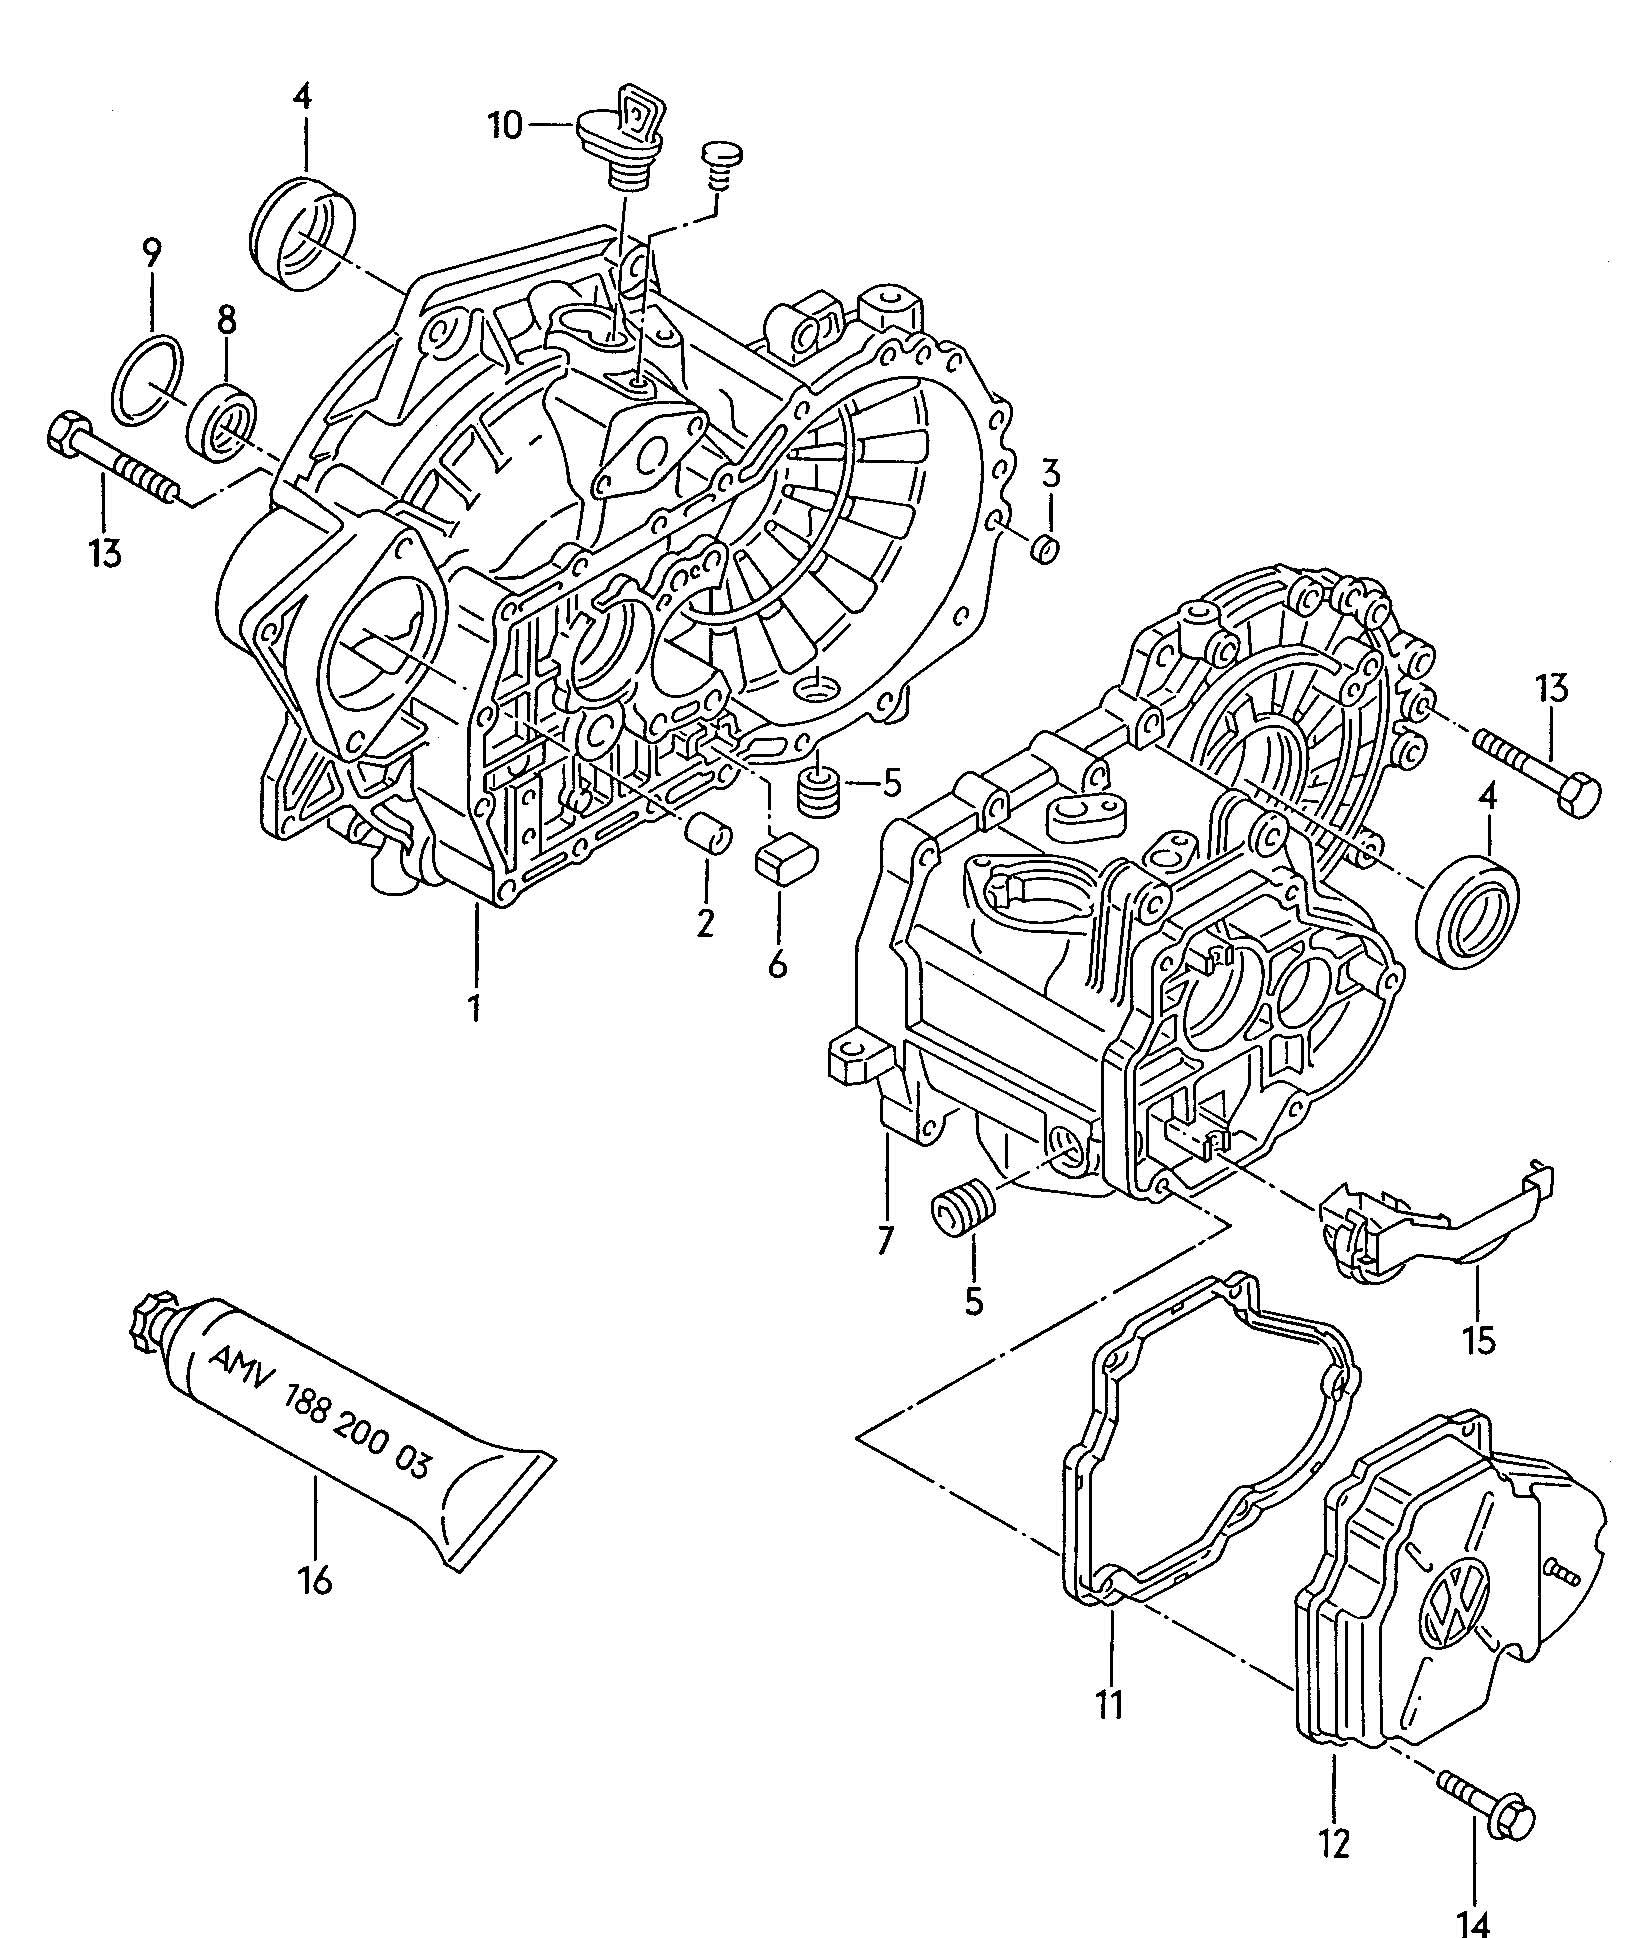 Volkswagen Passat Plug Drain Plug Insert Screw Stop